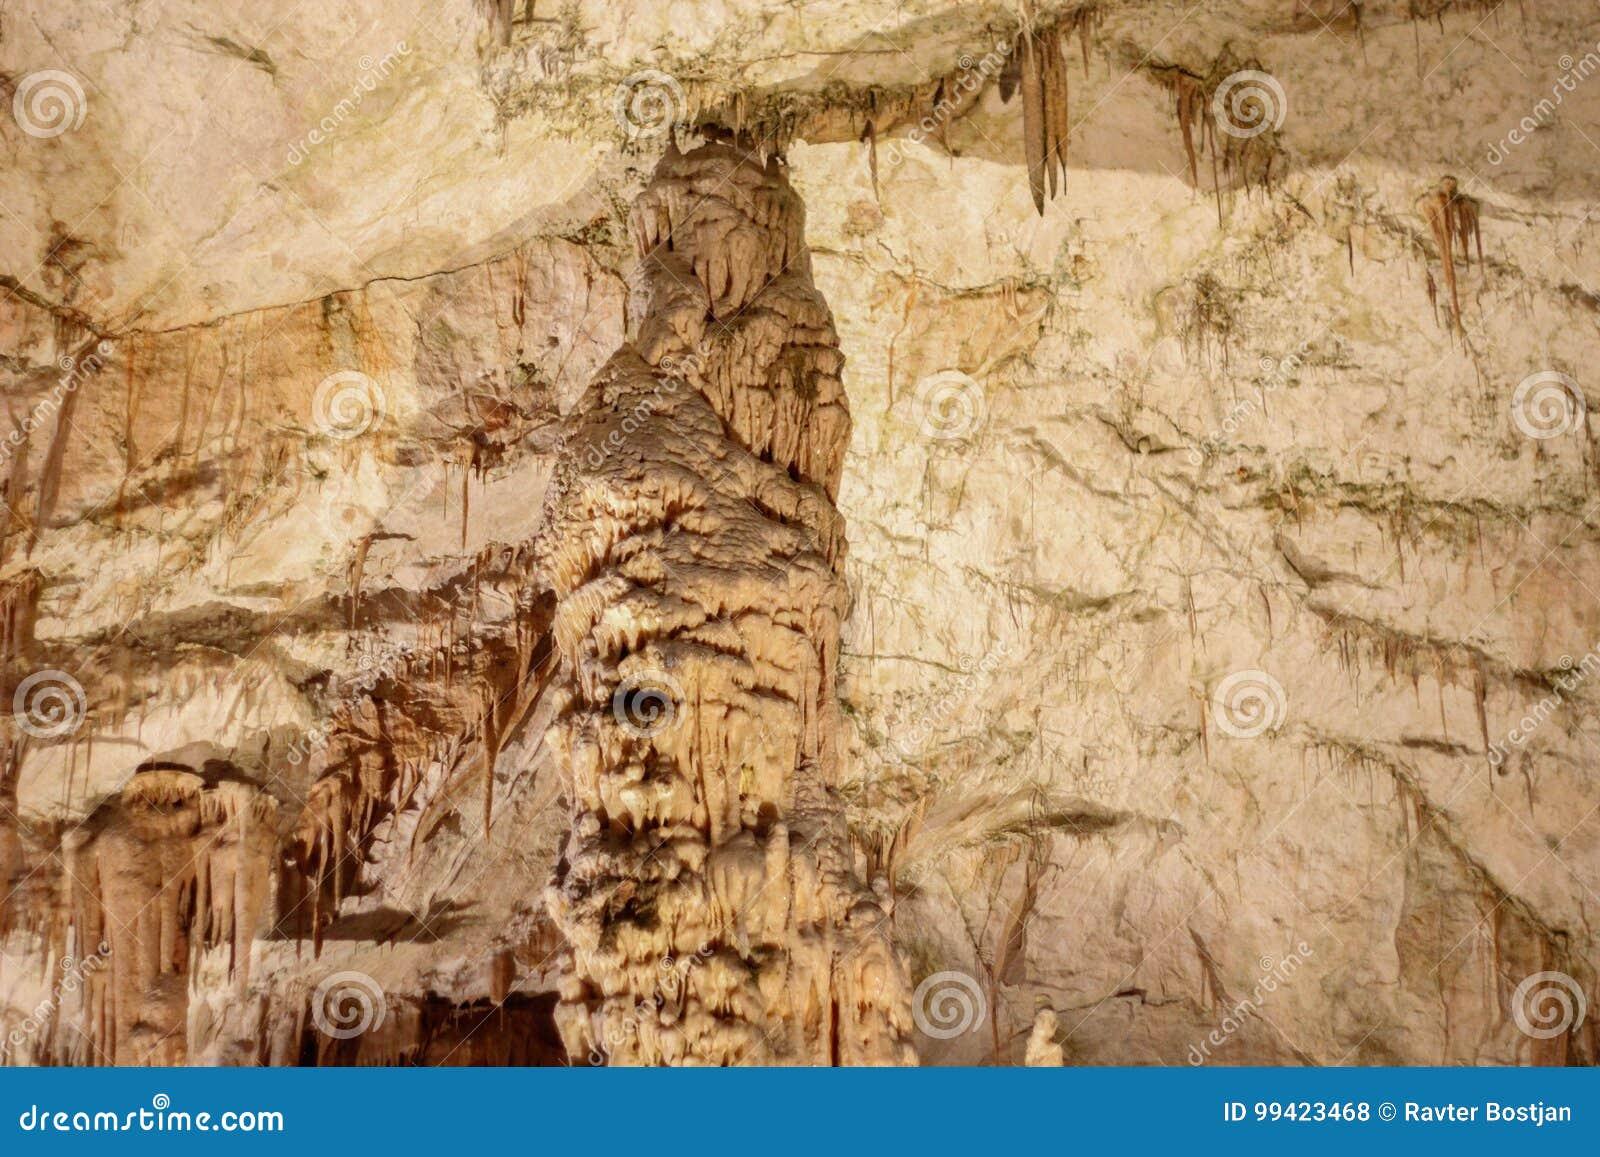 Postojnska jama | Höhle | Grotte